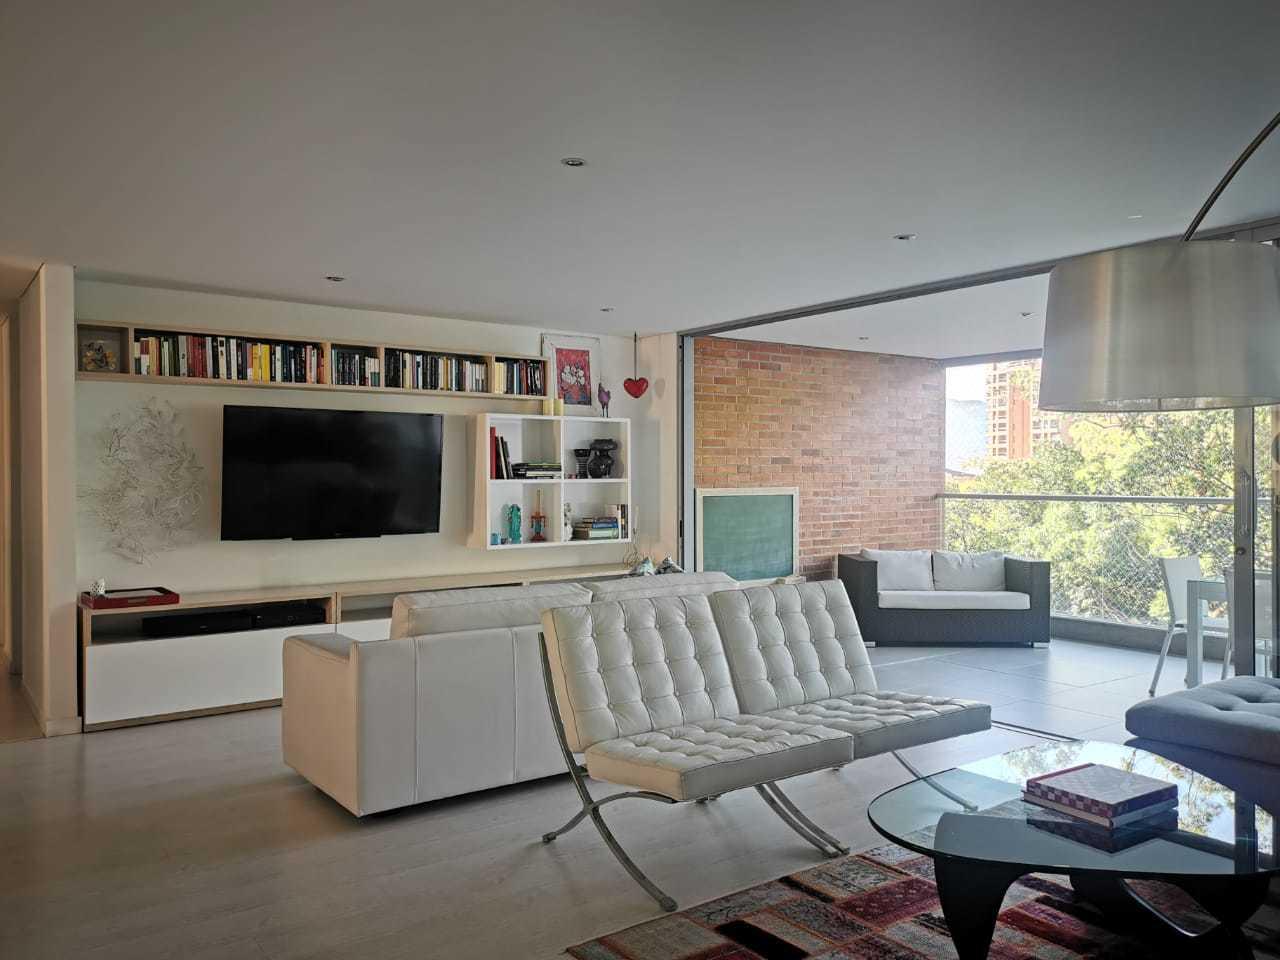 100929 - Apartamento em venta  Envigado Benedictinos